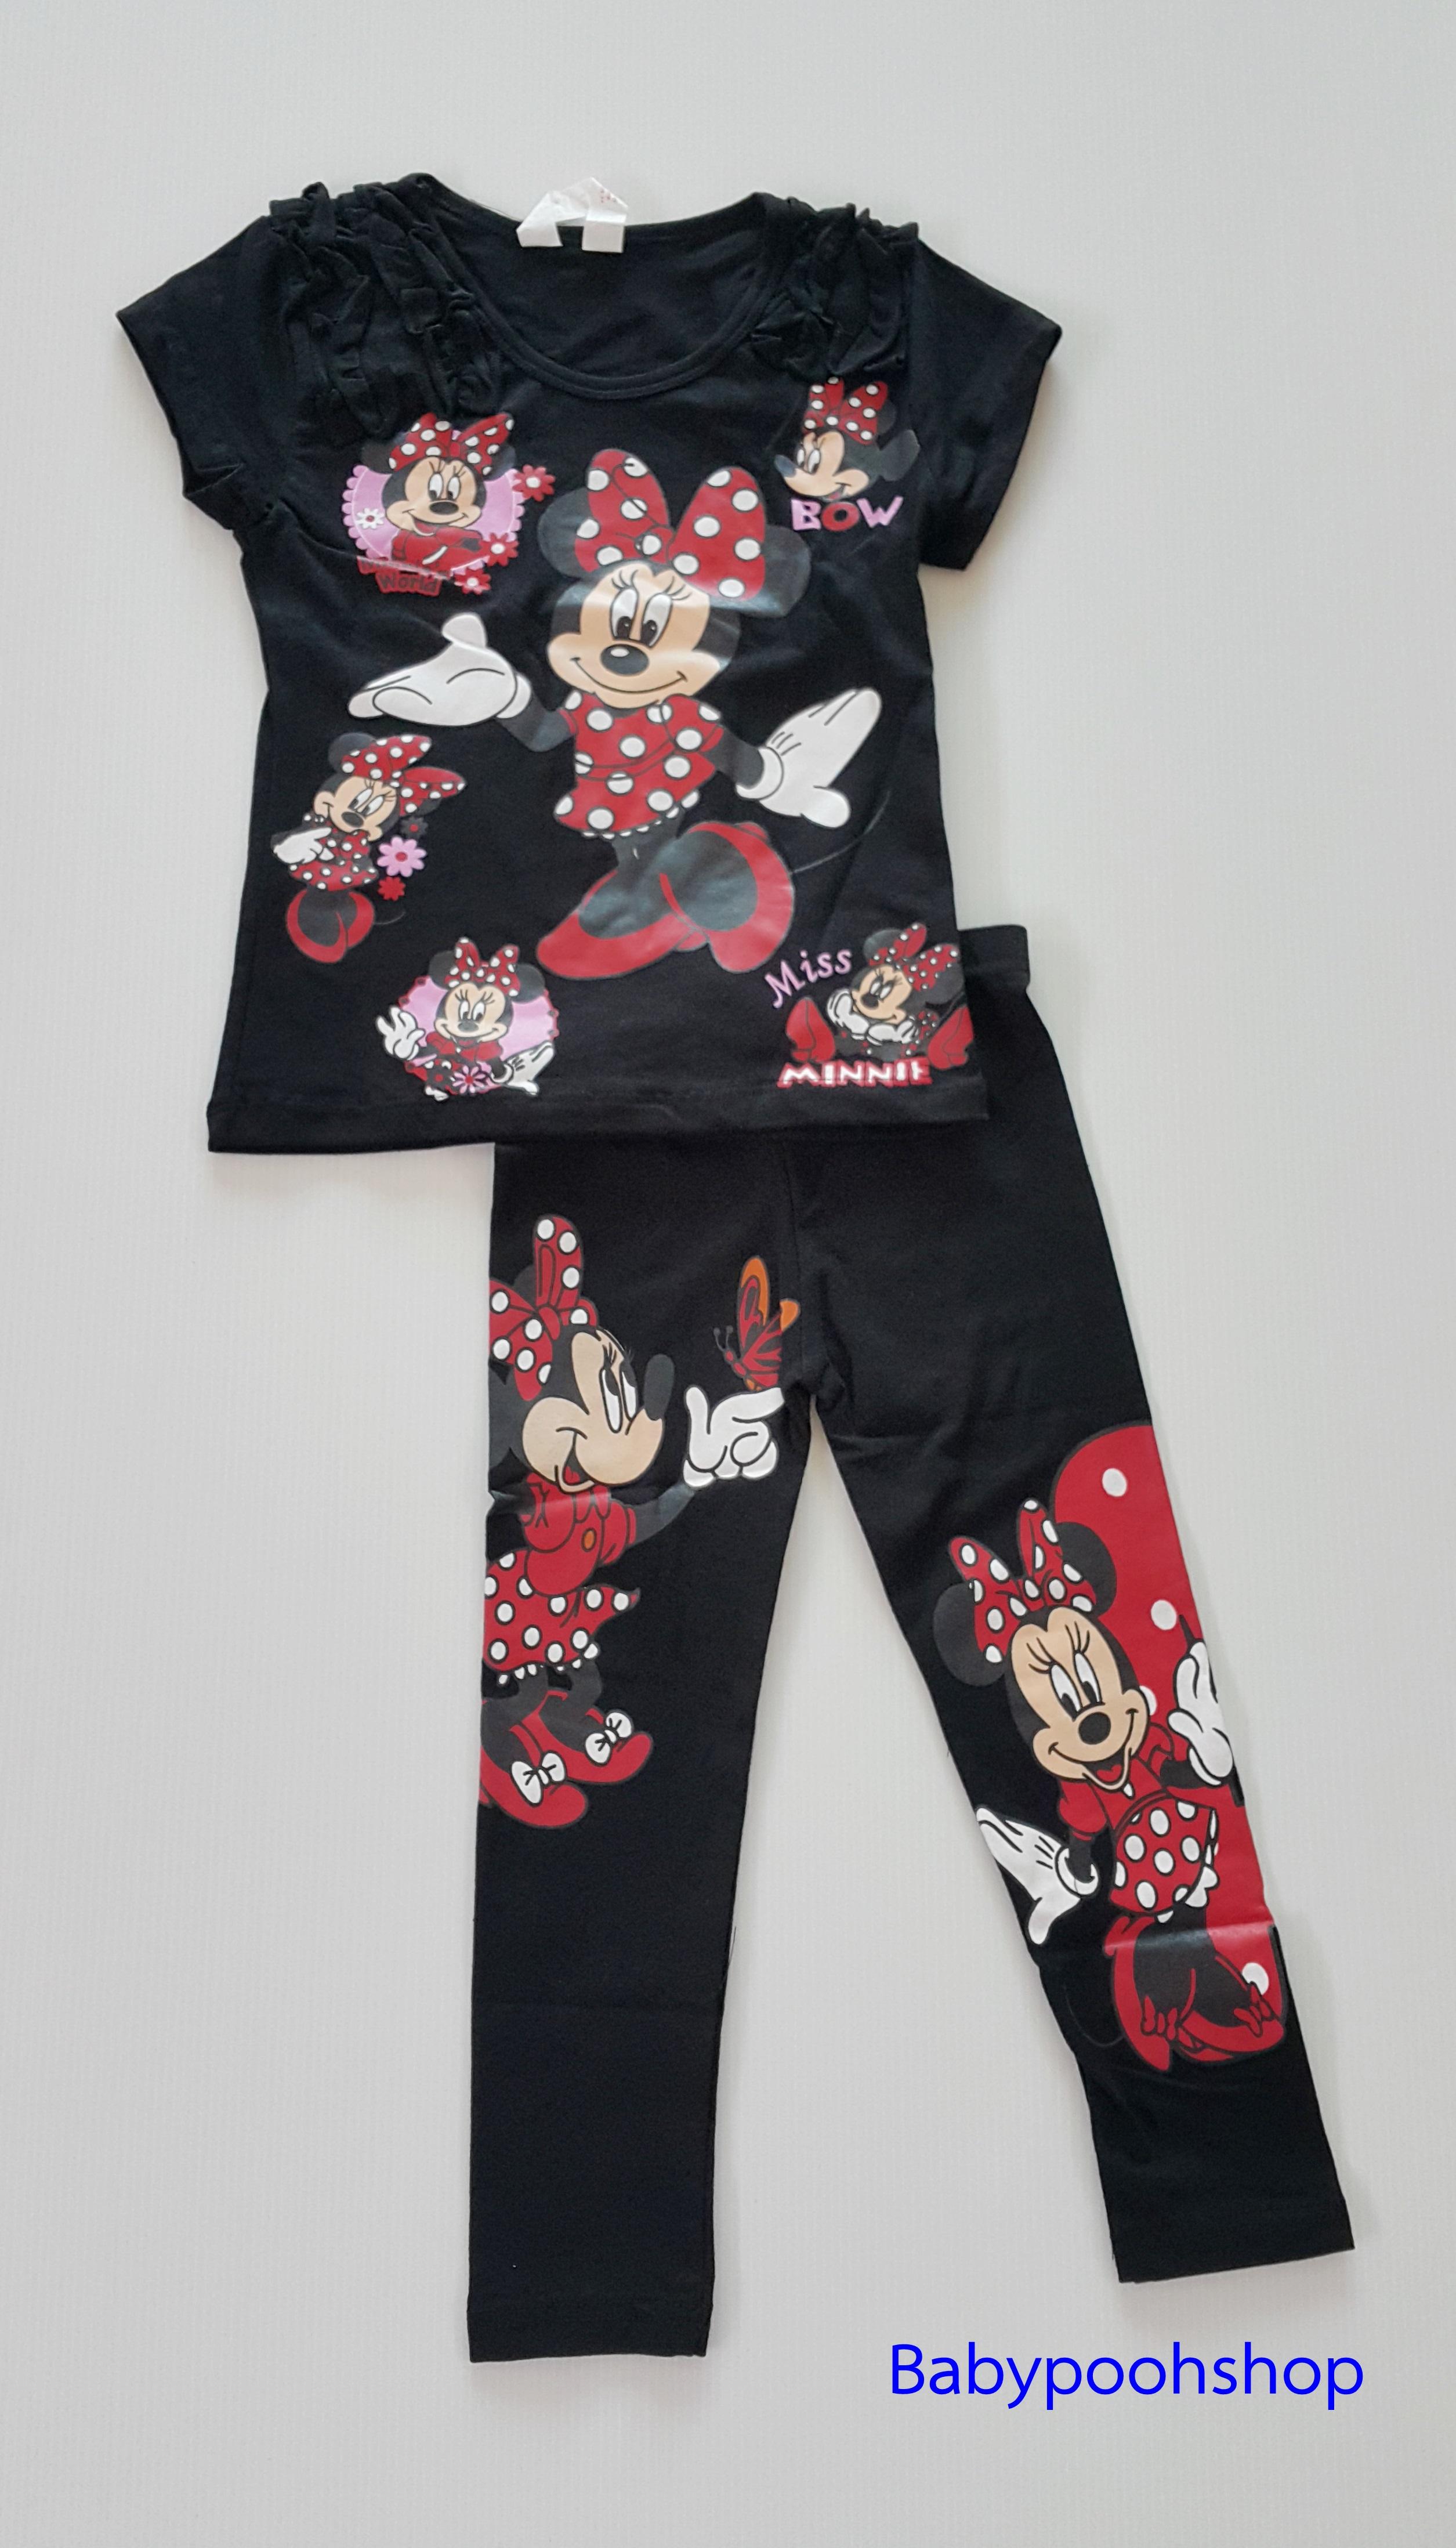 H&M : set เสื้อแขนสั้น+เลกกิ้ง สกรีนลายมินนี่เมาส์ สีดำ size : 2-4y / 4-6y